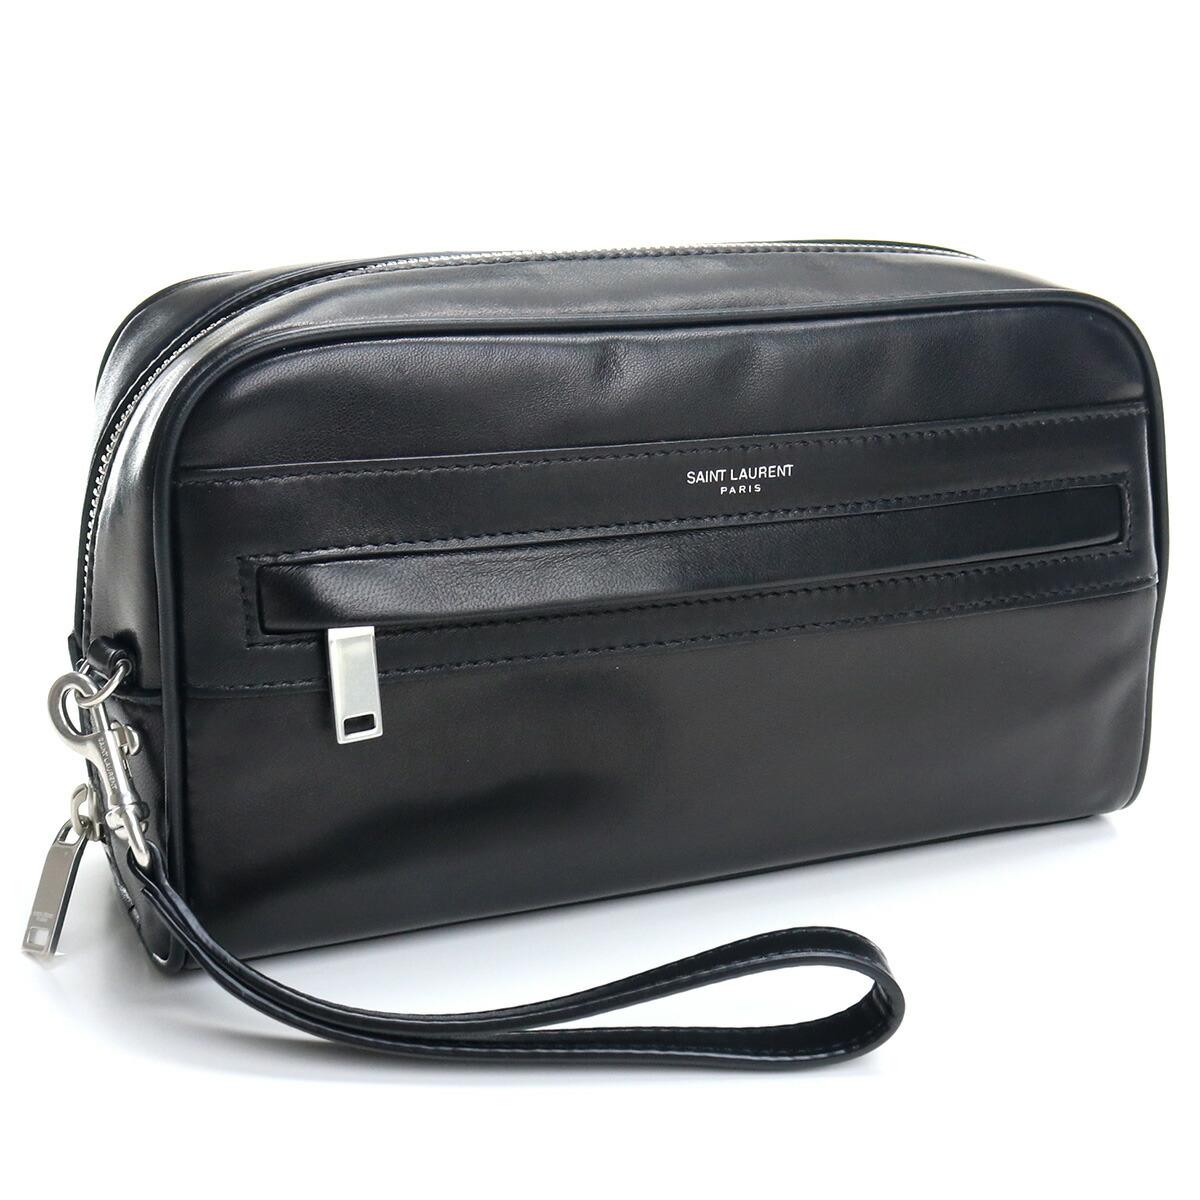 サンローラン SAINT LAURENT セカンドバッグ ラムスキン 635166 1EL0E 1000 ブラック bos-14 bag-01 メンズ